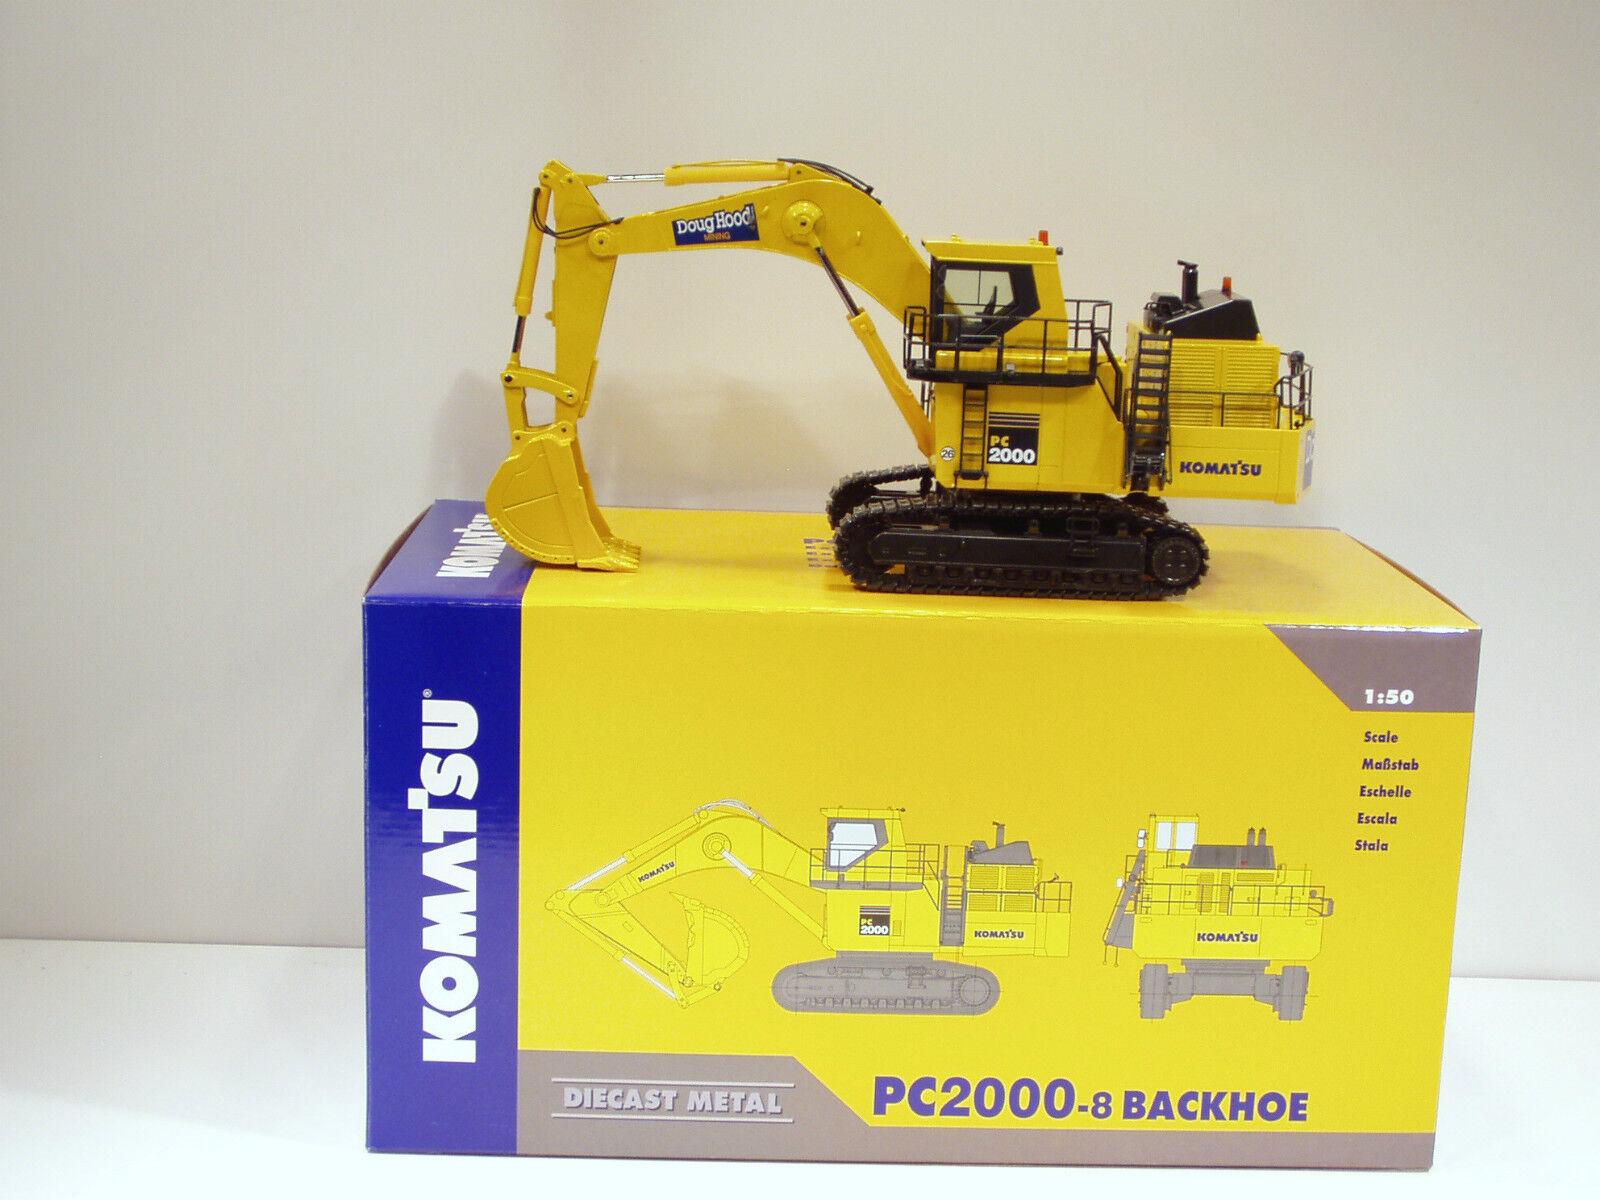 Komatsu PC2000-8 Excavateur -  Doug Capuche  - 1 50 - NZG  762.1.01 - En parfait état, dans sa boîte